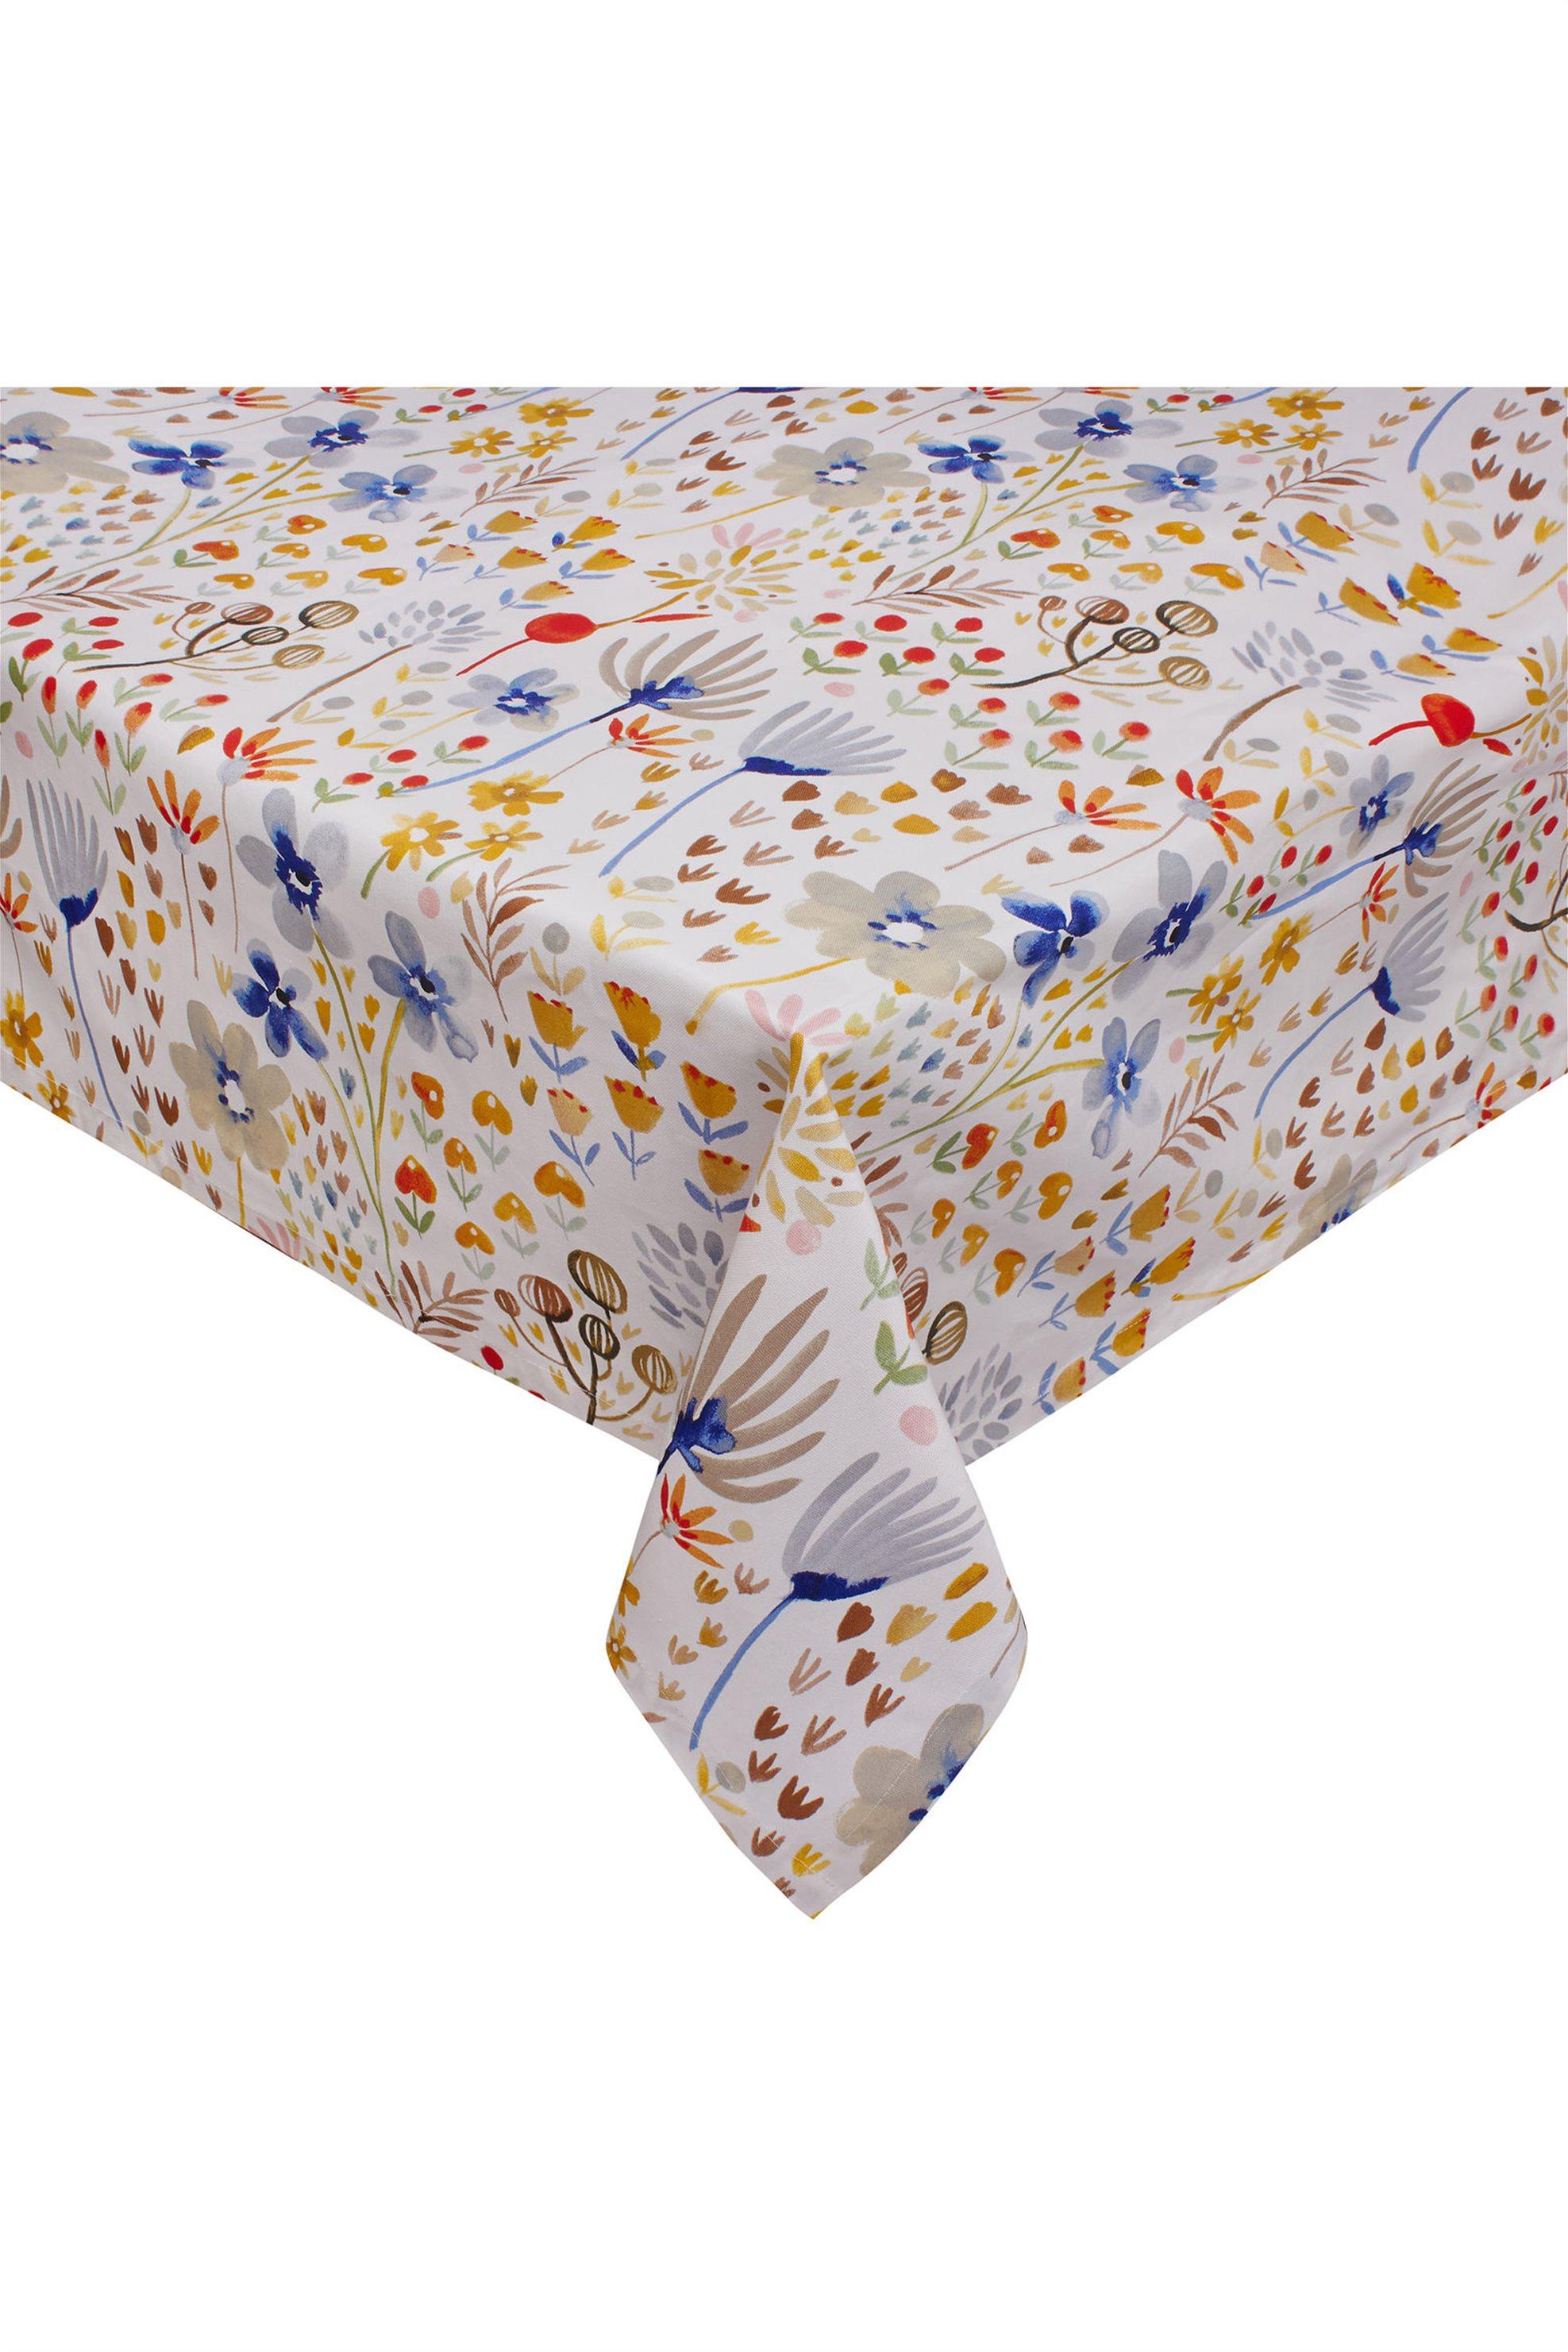 Τραπεζομάντηλο με floral σχέδιο 70 χ 70 cm Coincasa - 000495350 - Πολύχρωμο home   κουζινα   τραπεζομάντηλα